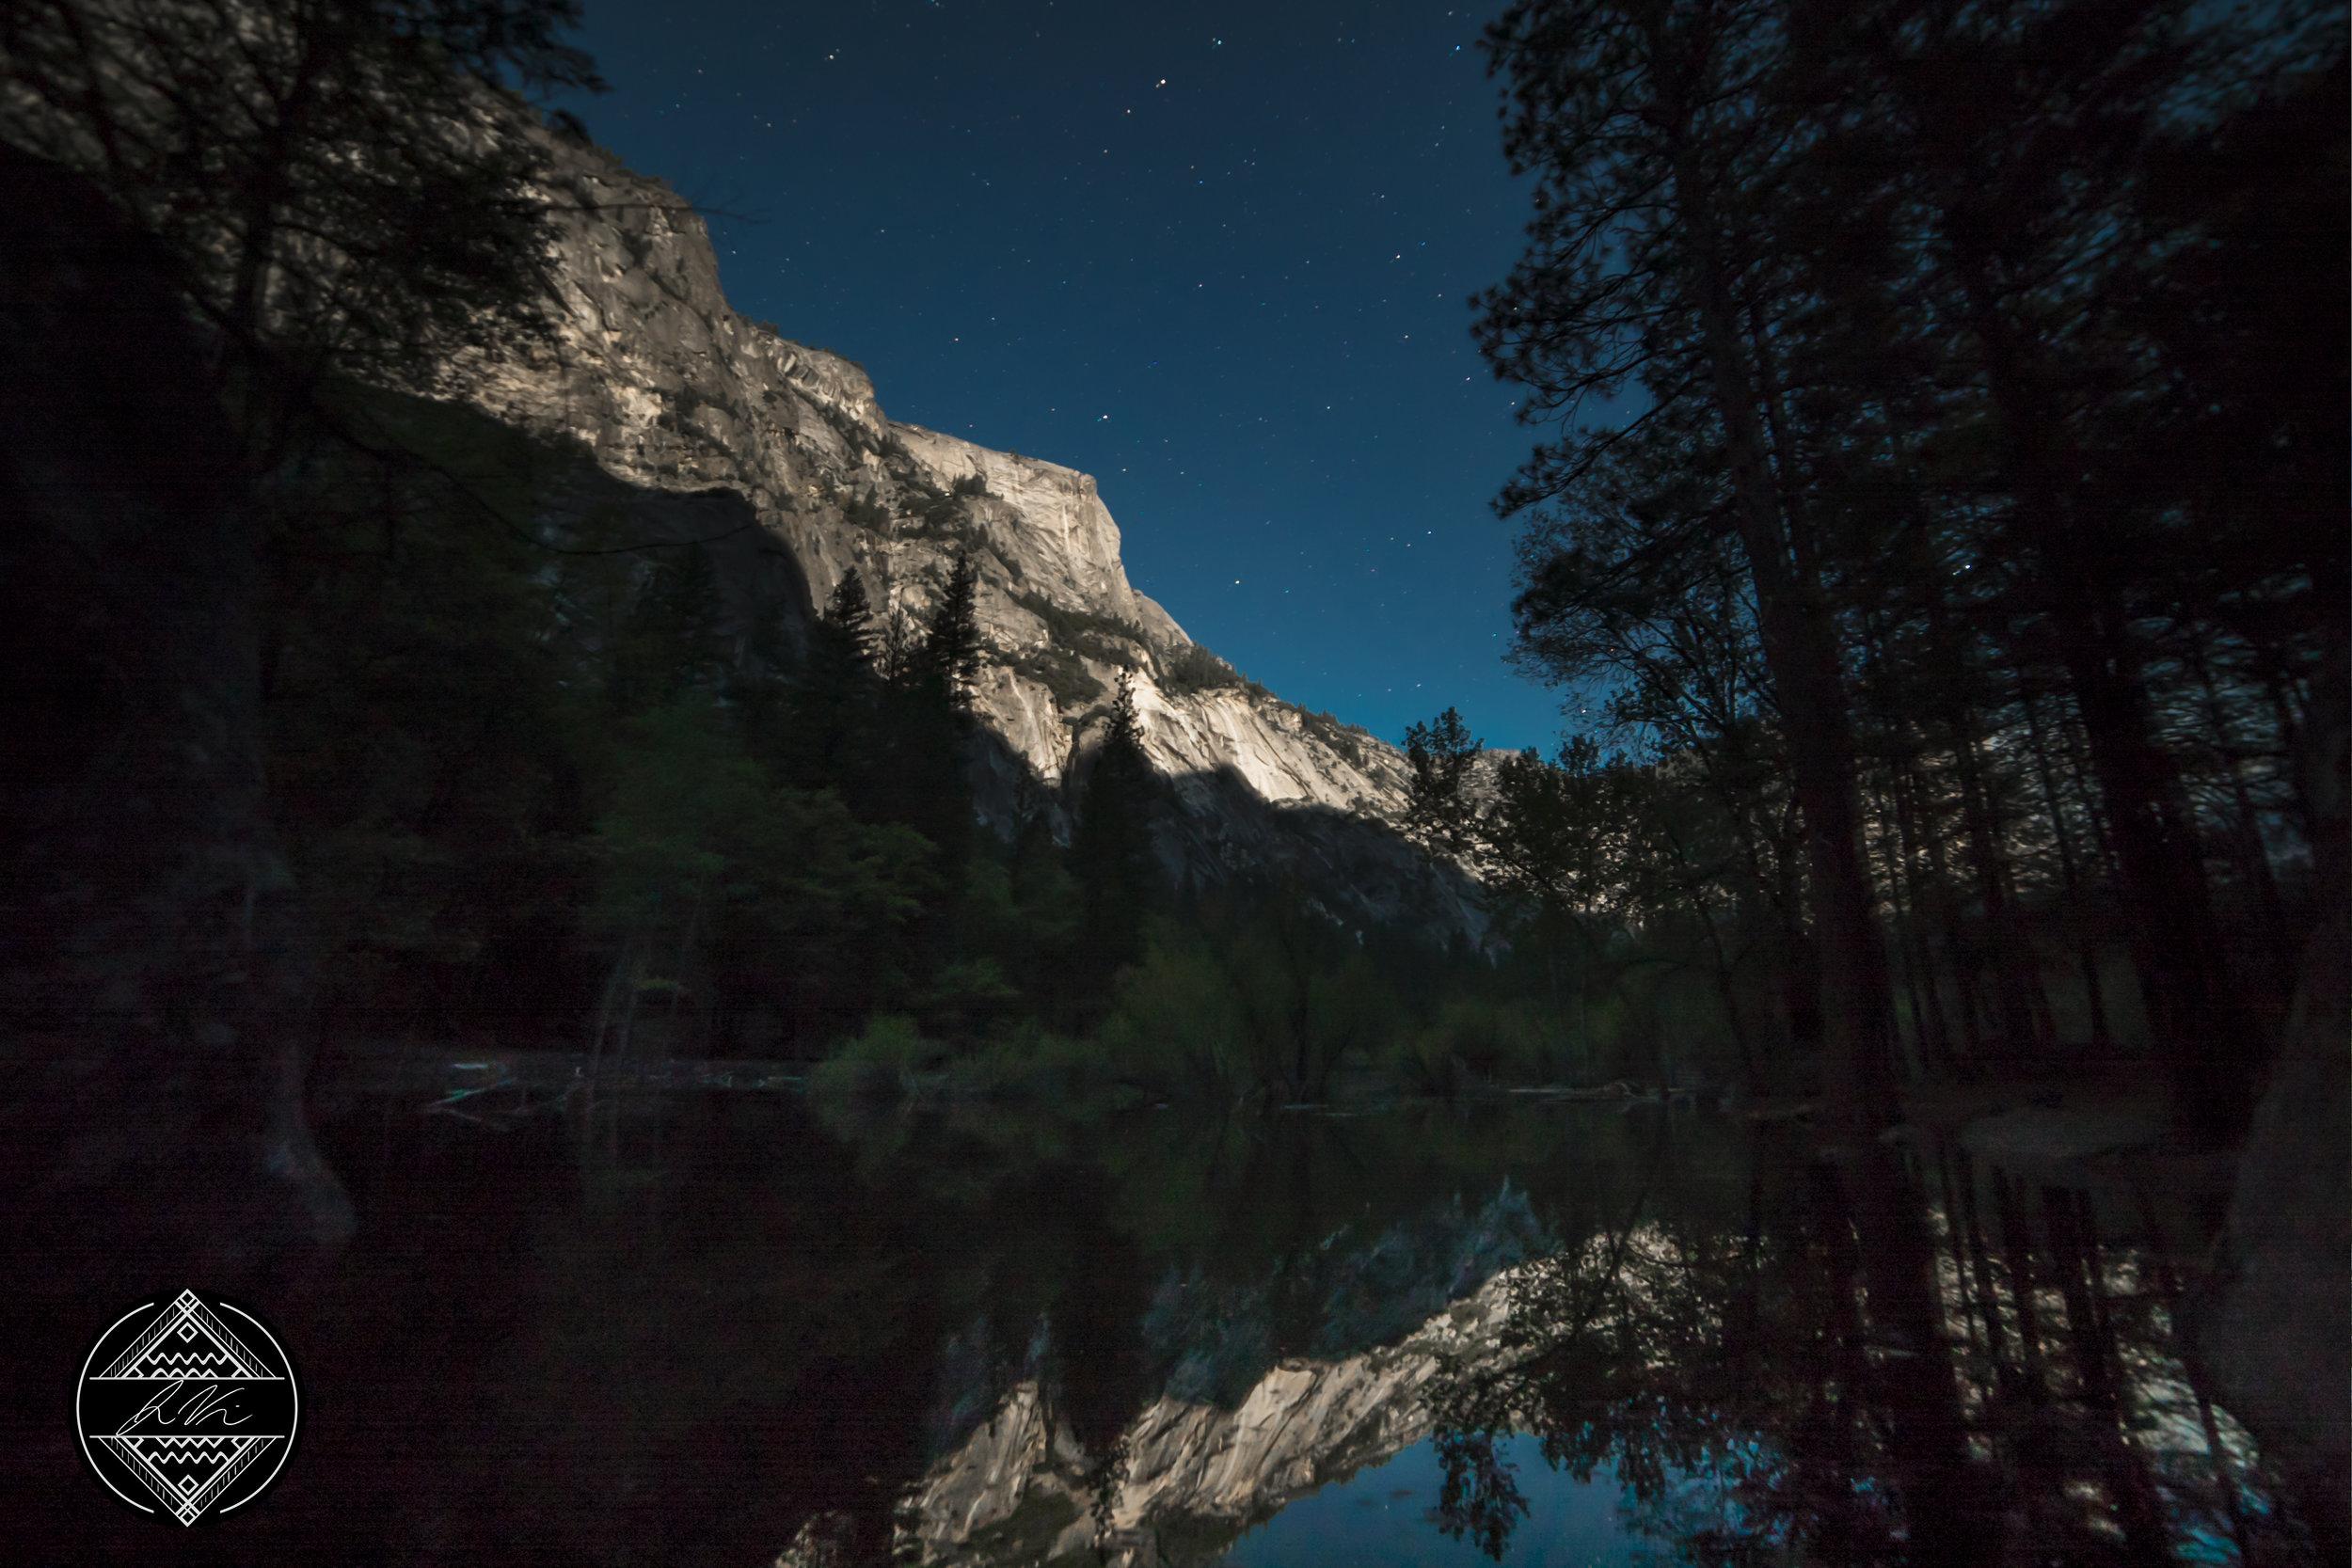 YOSEMITE_NORTHDOME_NIGHT_REFLECTION.jpg